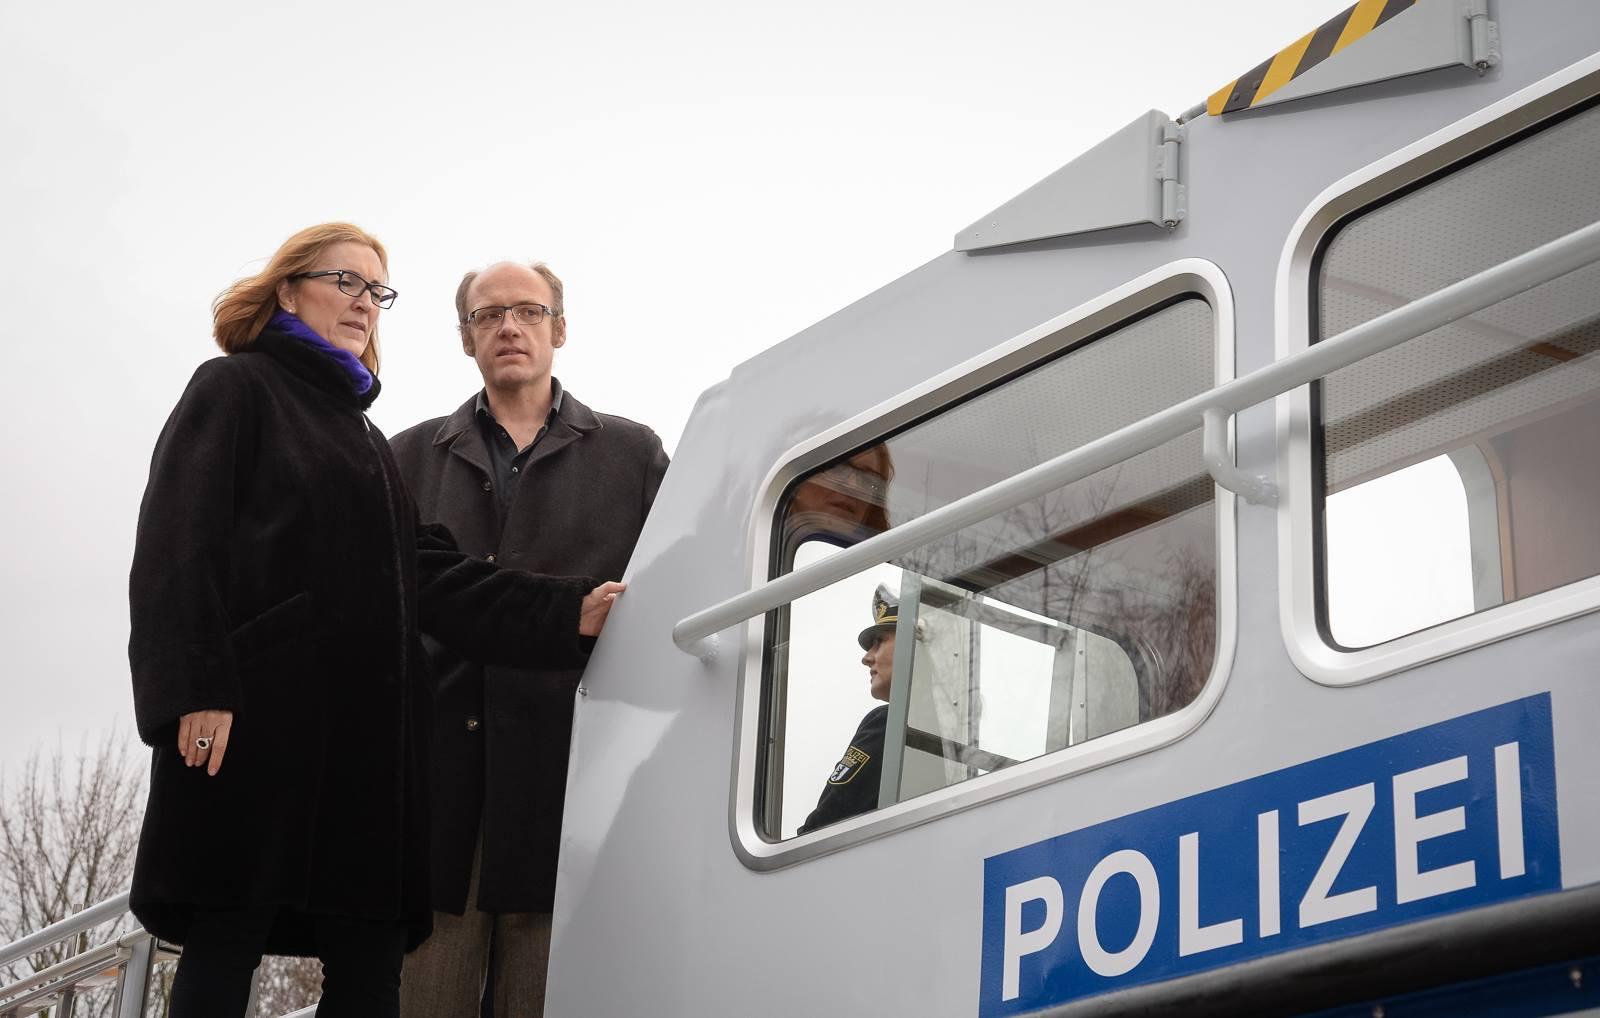 Polizeivizepräsidentin Koppers besichtigt die 'Seeadler' | Foto: © Tomas Moll